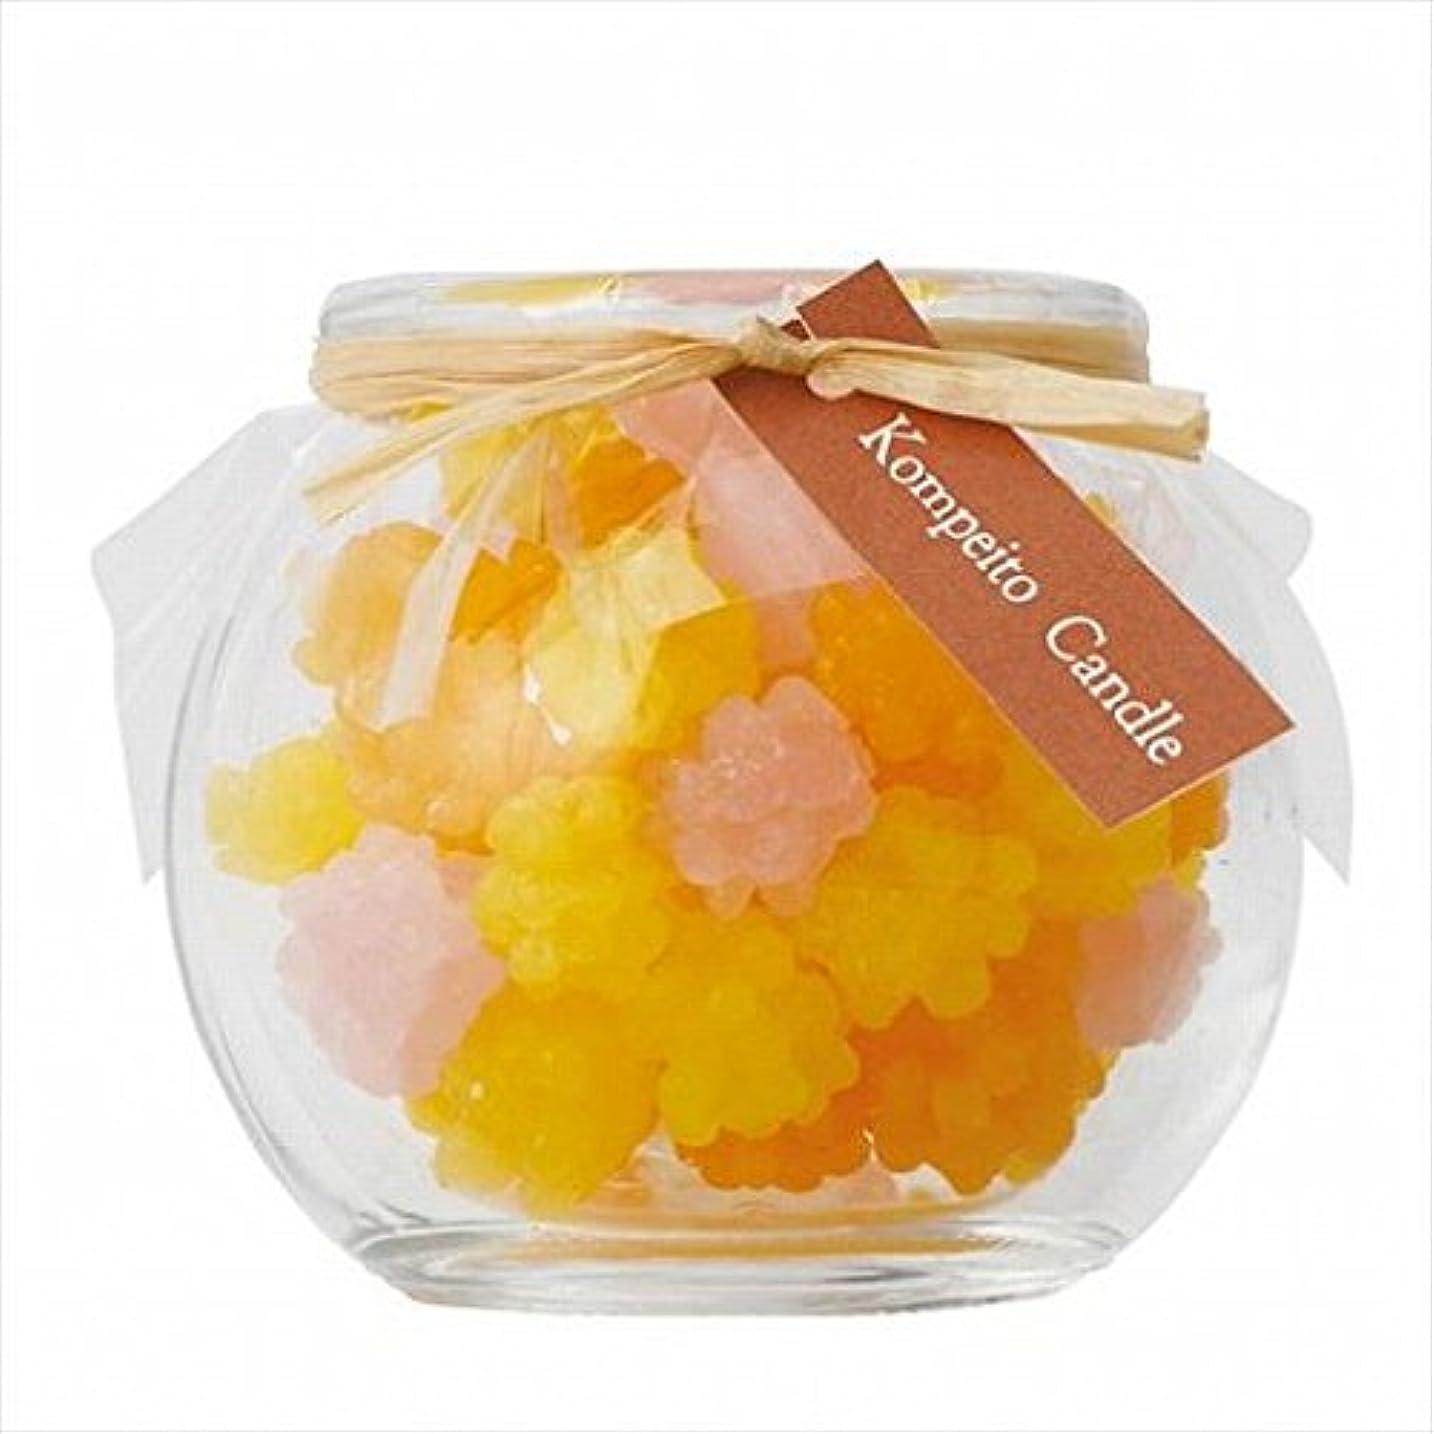 爆発物磨かれた死の顎sweets candle(スイーツキャンドル) こんぺいとう 「 イエロー 」 キャンドル 65x65x58mm (A6500000Y)